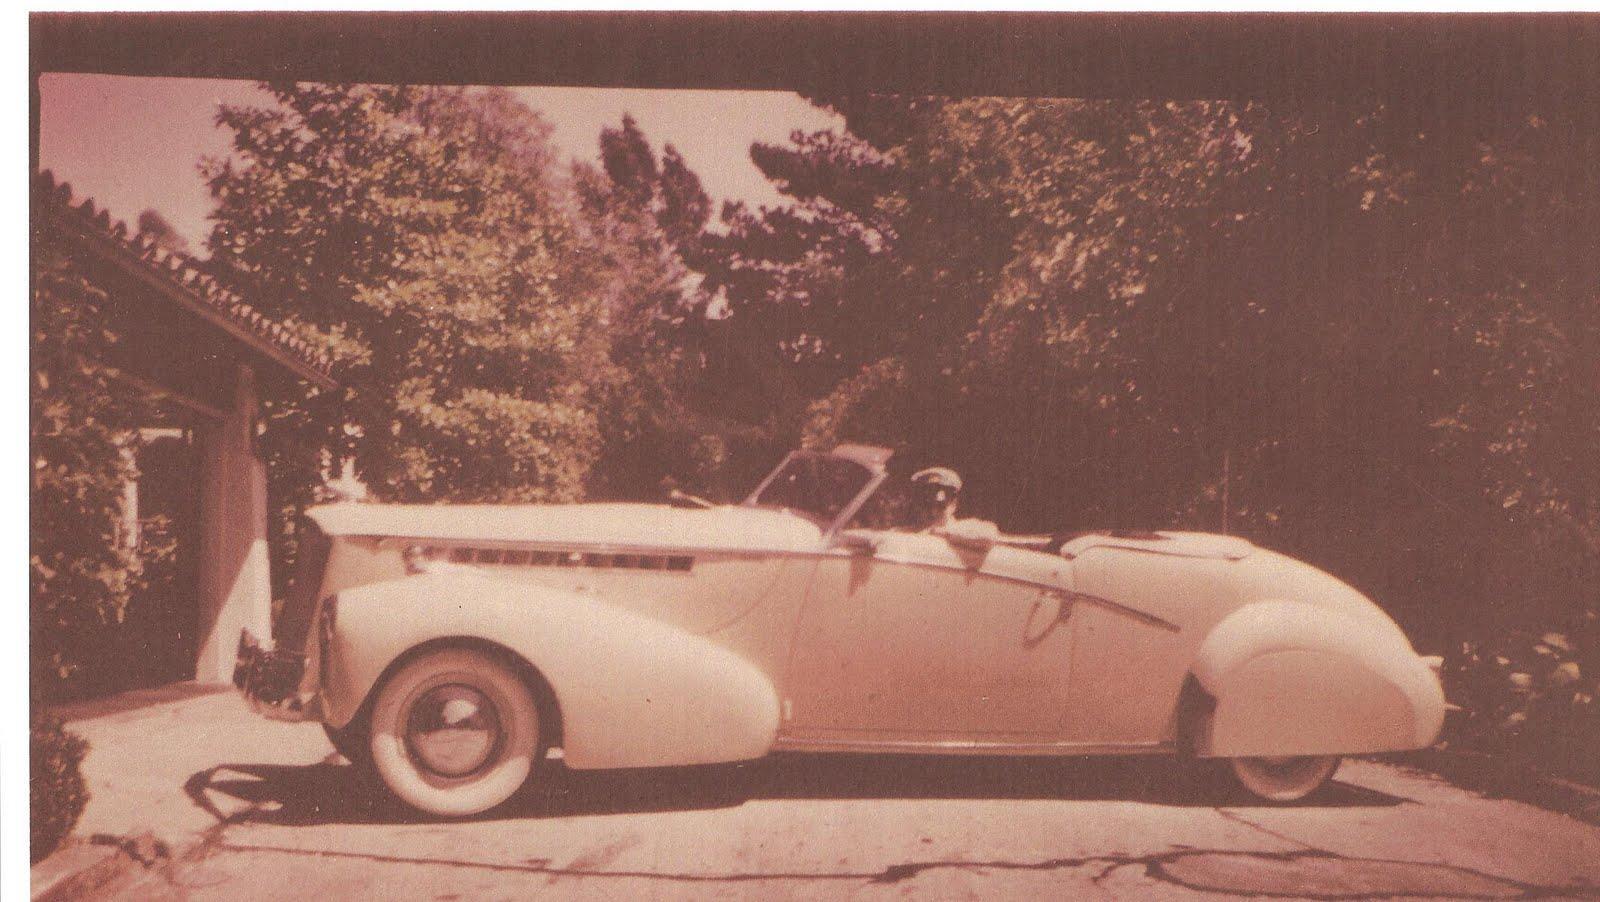 1940+Packard+Unk+Ile.jpg